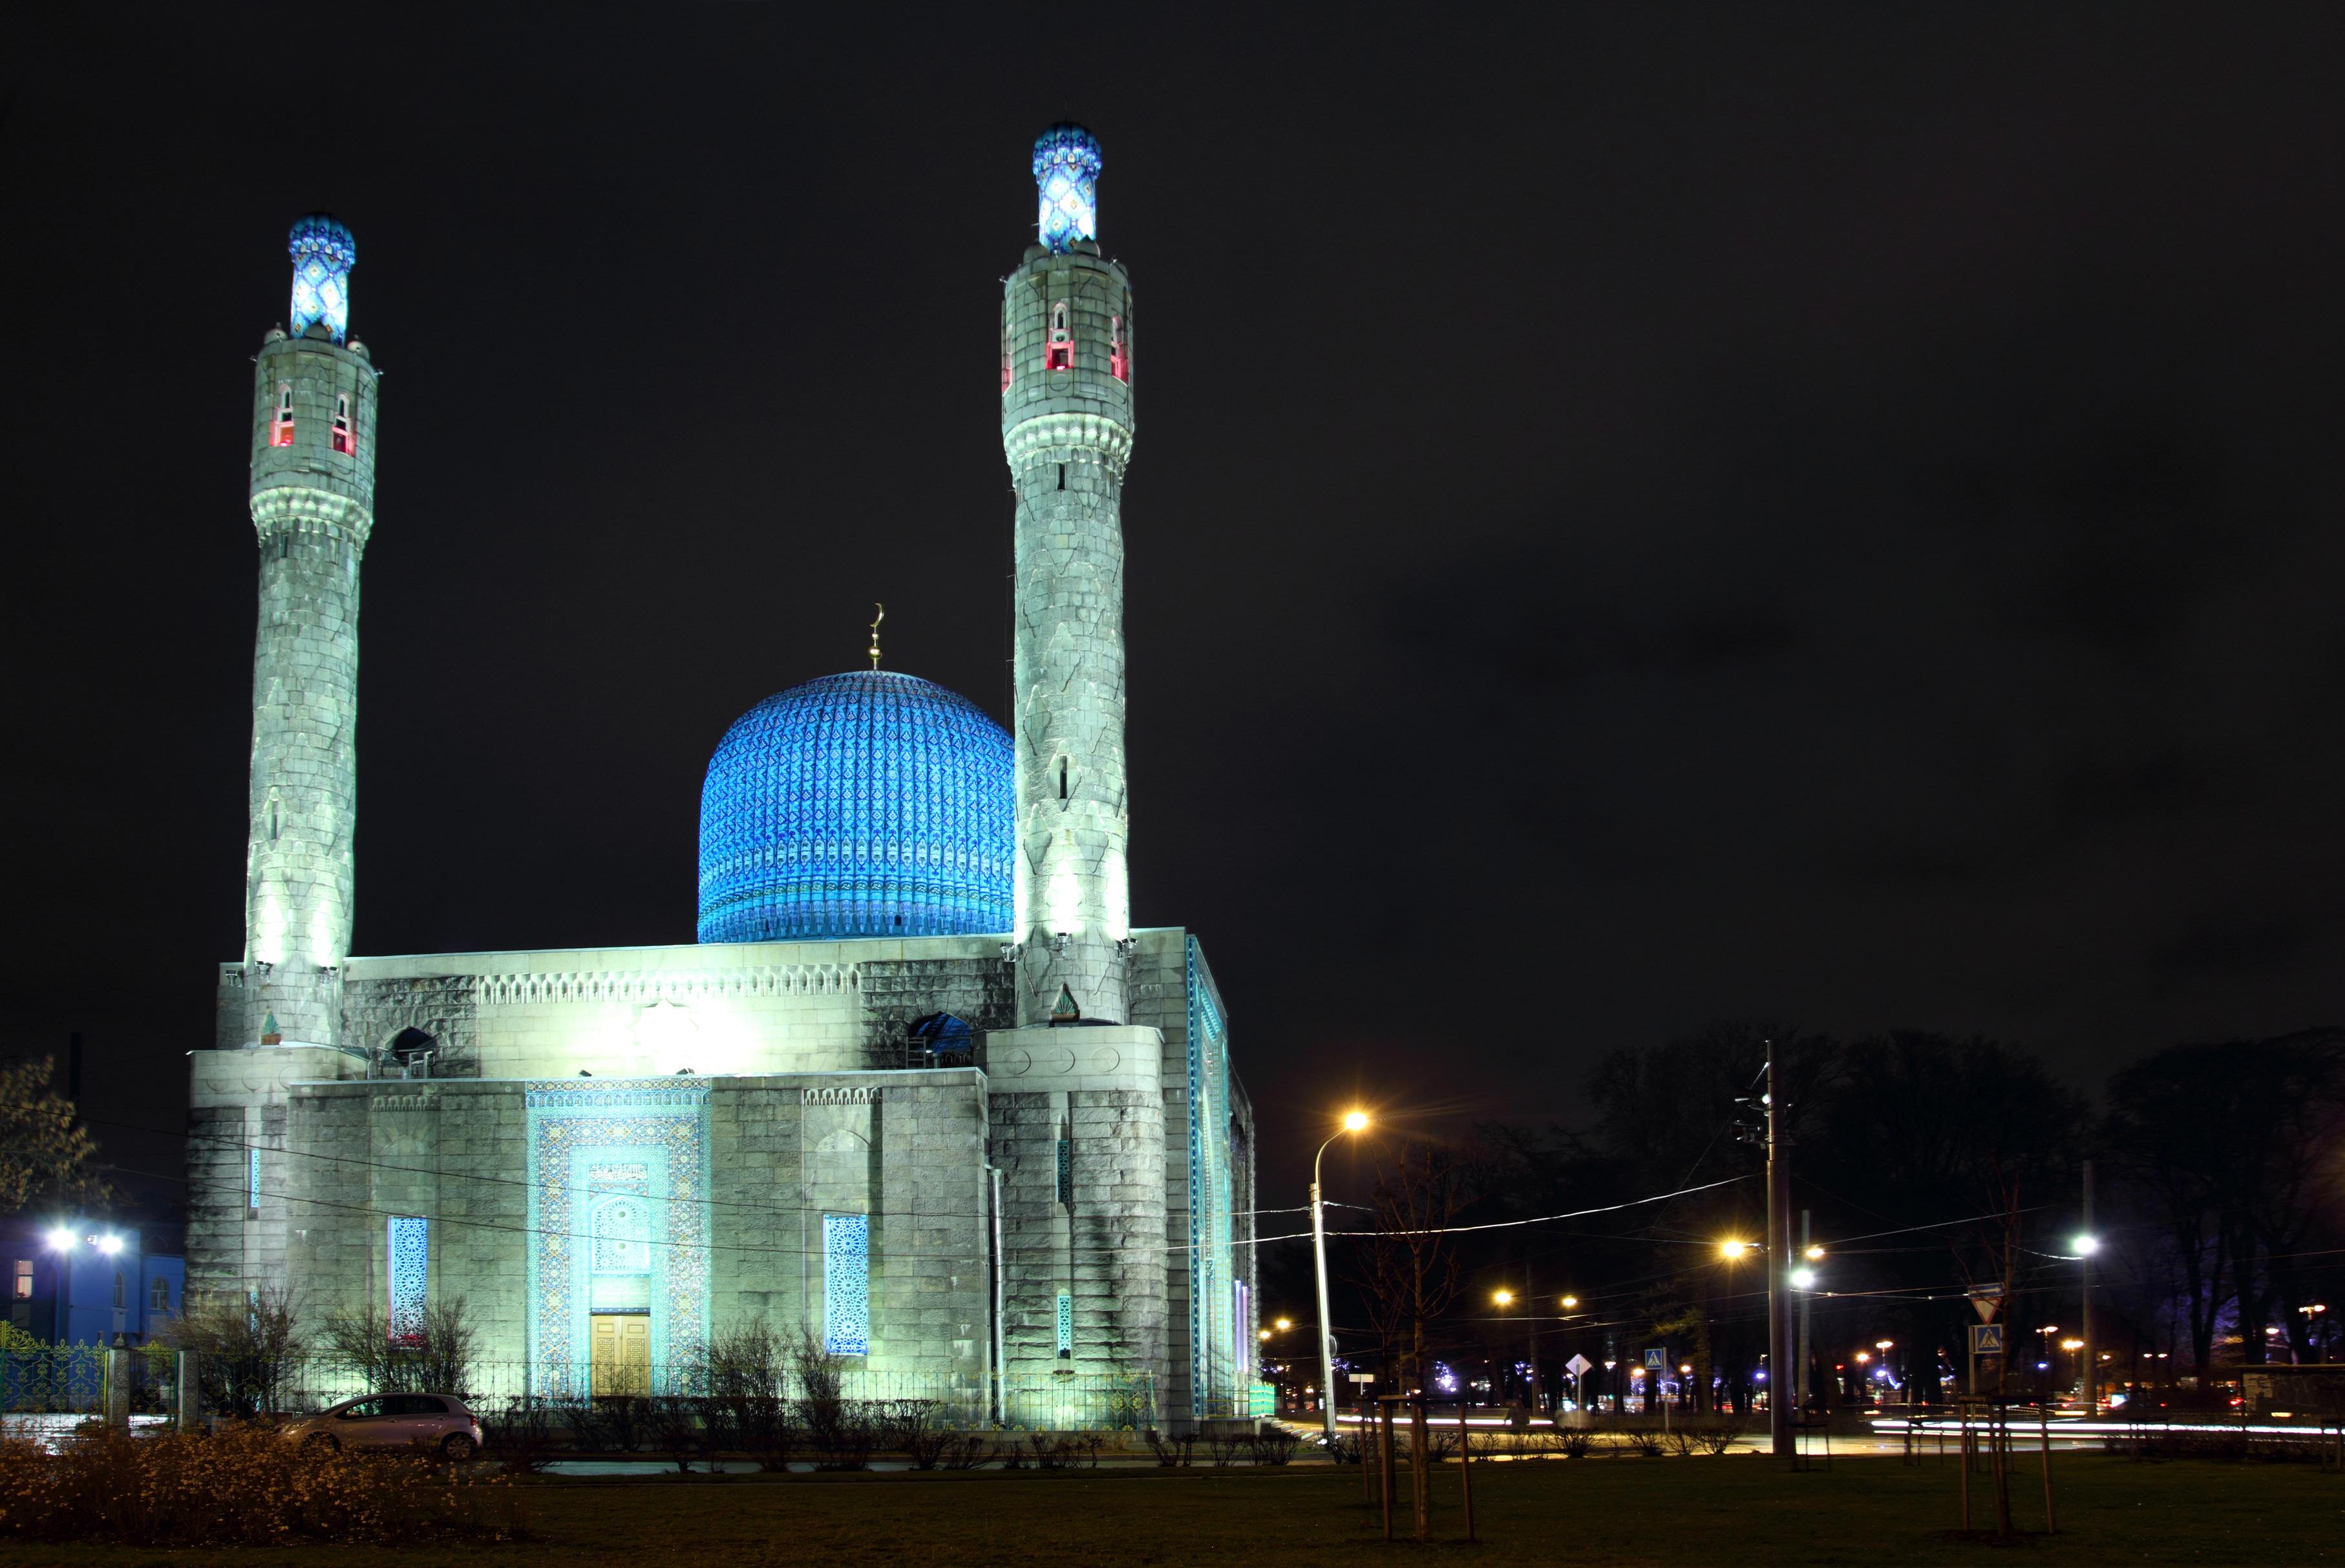 Masjid Biru didirikan pada 1910 di Pulau Petrogradsky, pulau terbesar ketiga di Sungai Neva di Sankt Peterburg. Kubah masjid hampir sama dengan makam Tamerlane di Samarkand, Uzbekistan. Sumber: Lori